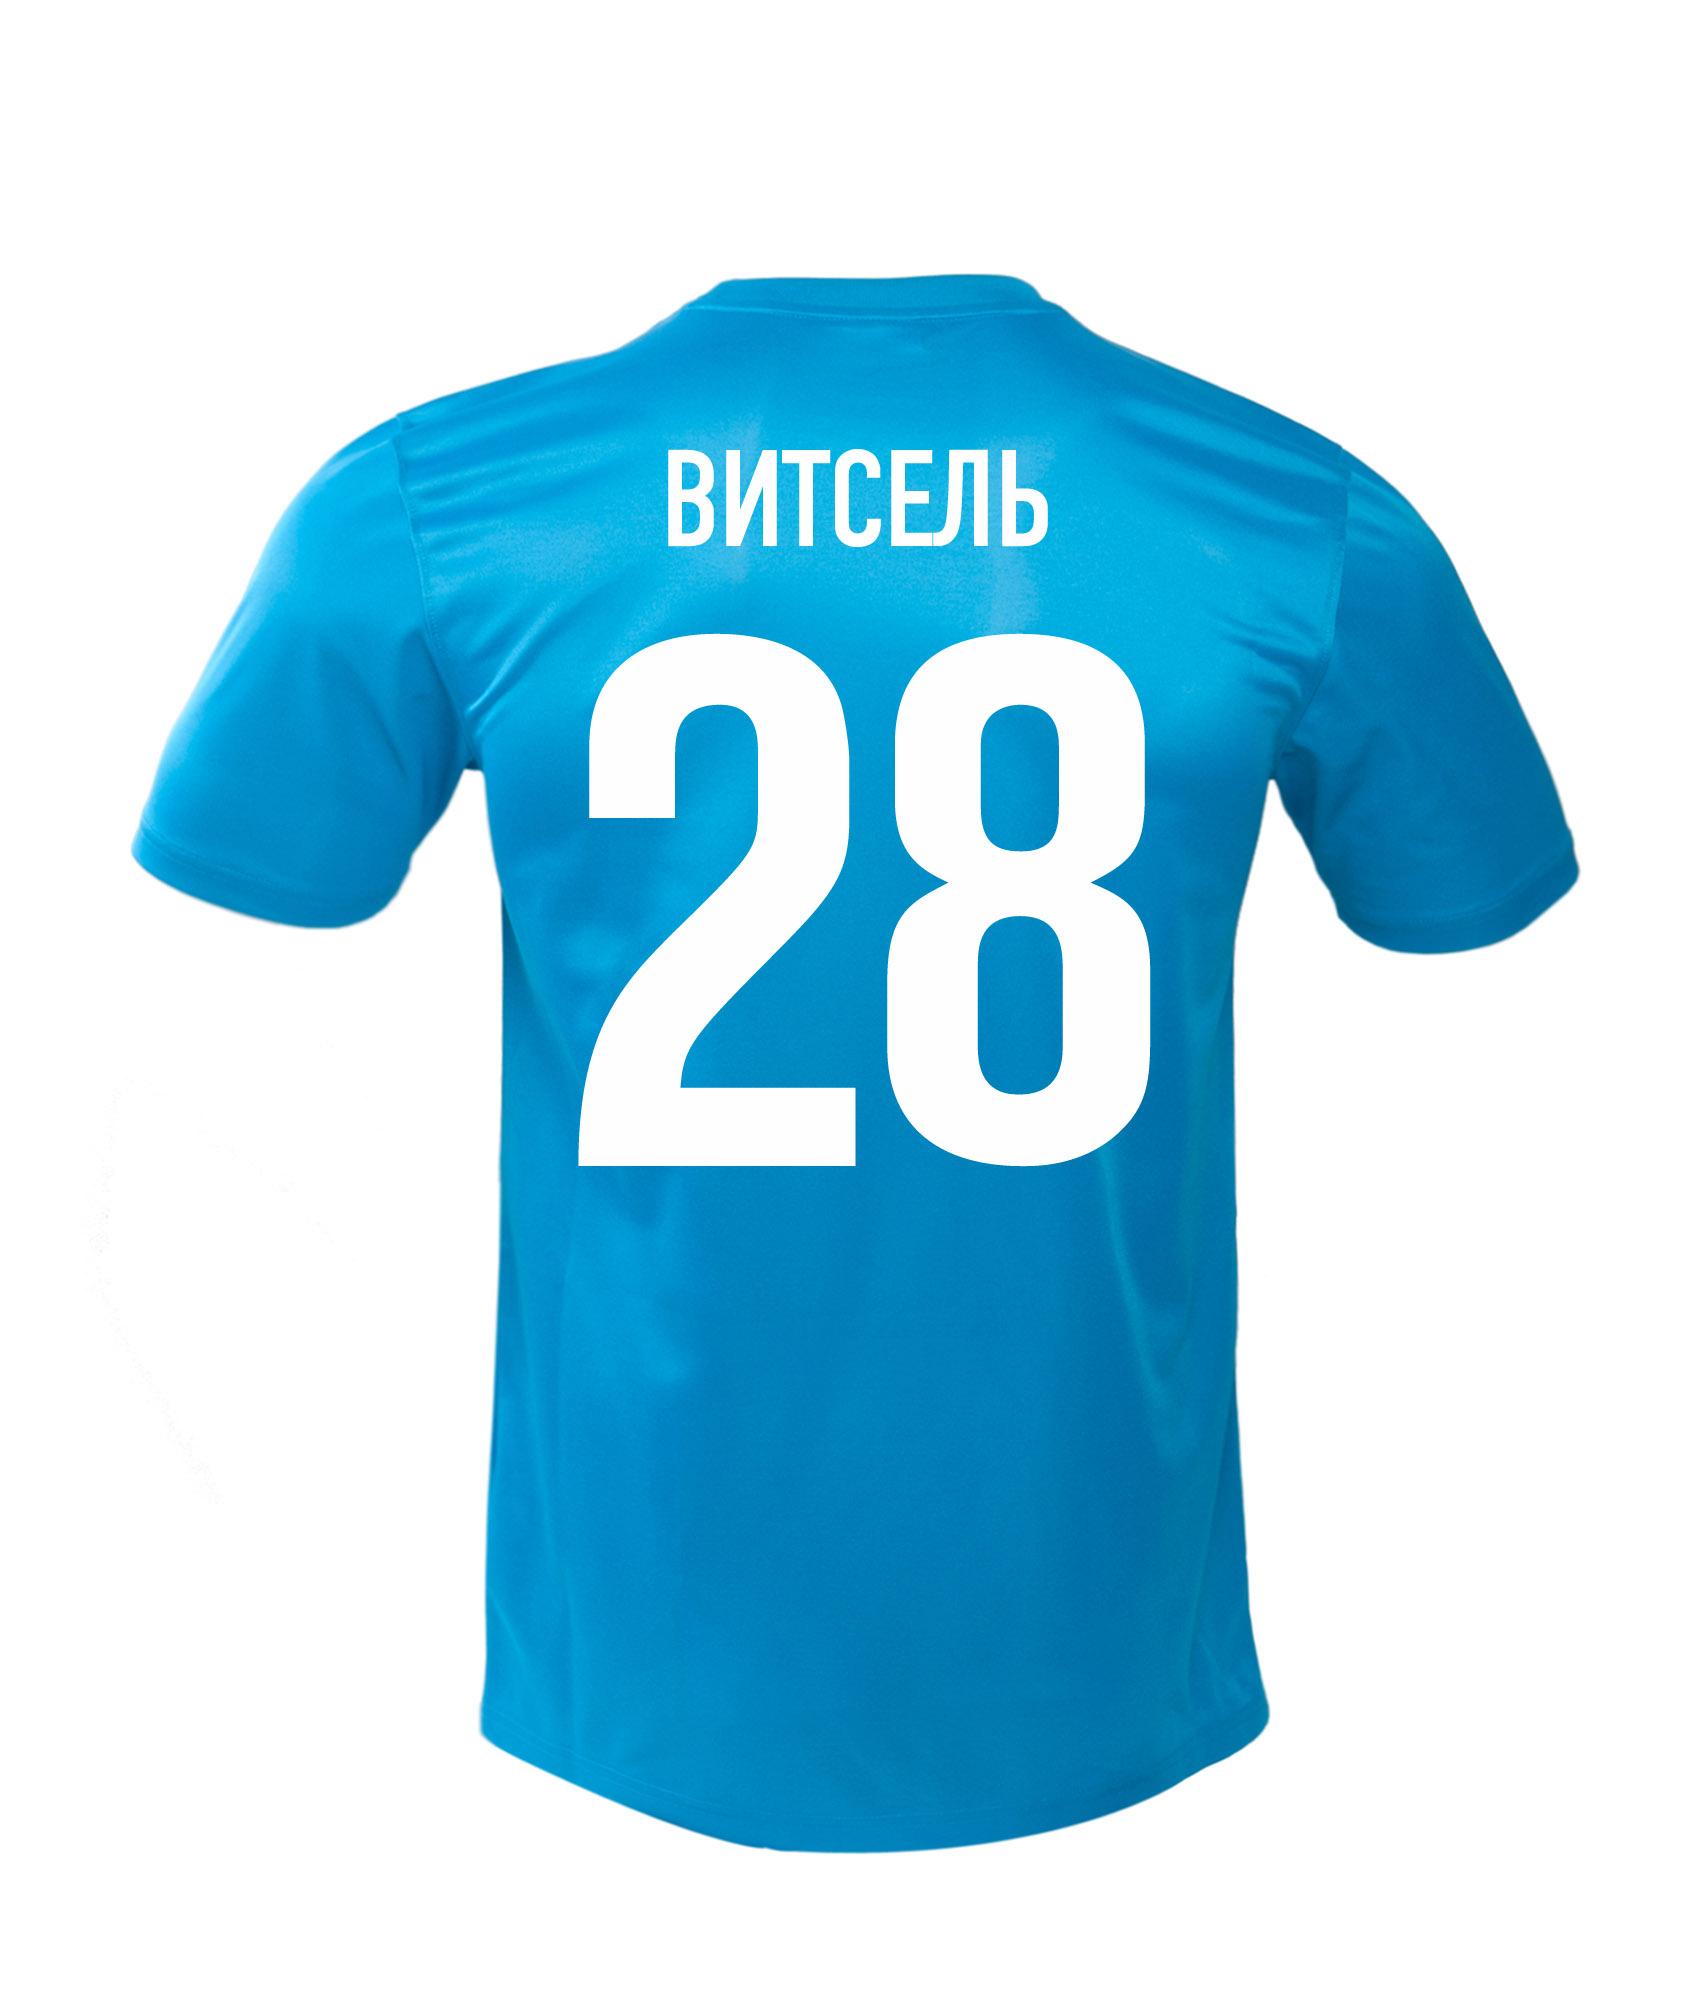 Реплика игровой футболки с номером А.Витселя, Цвет-Синий, Размер-M